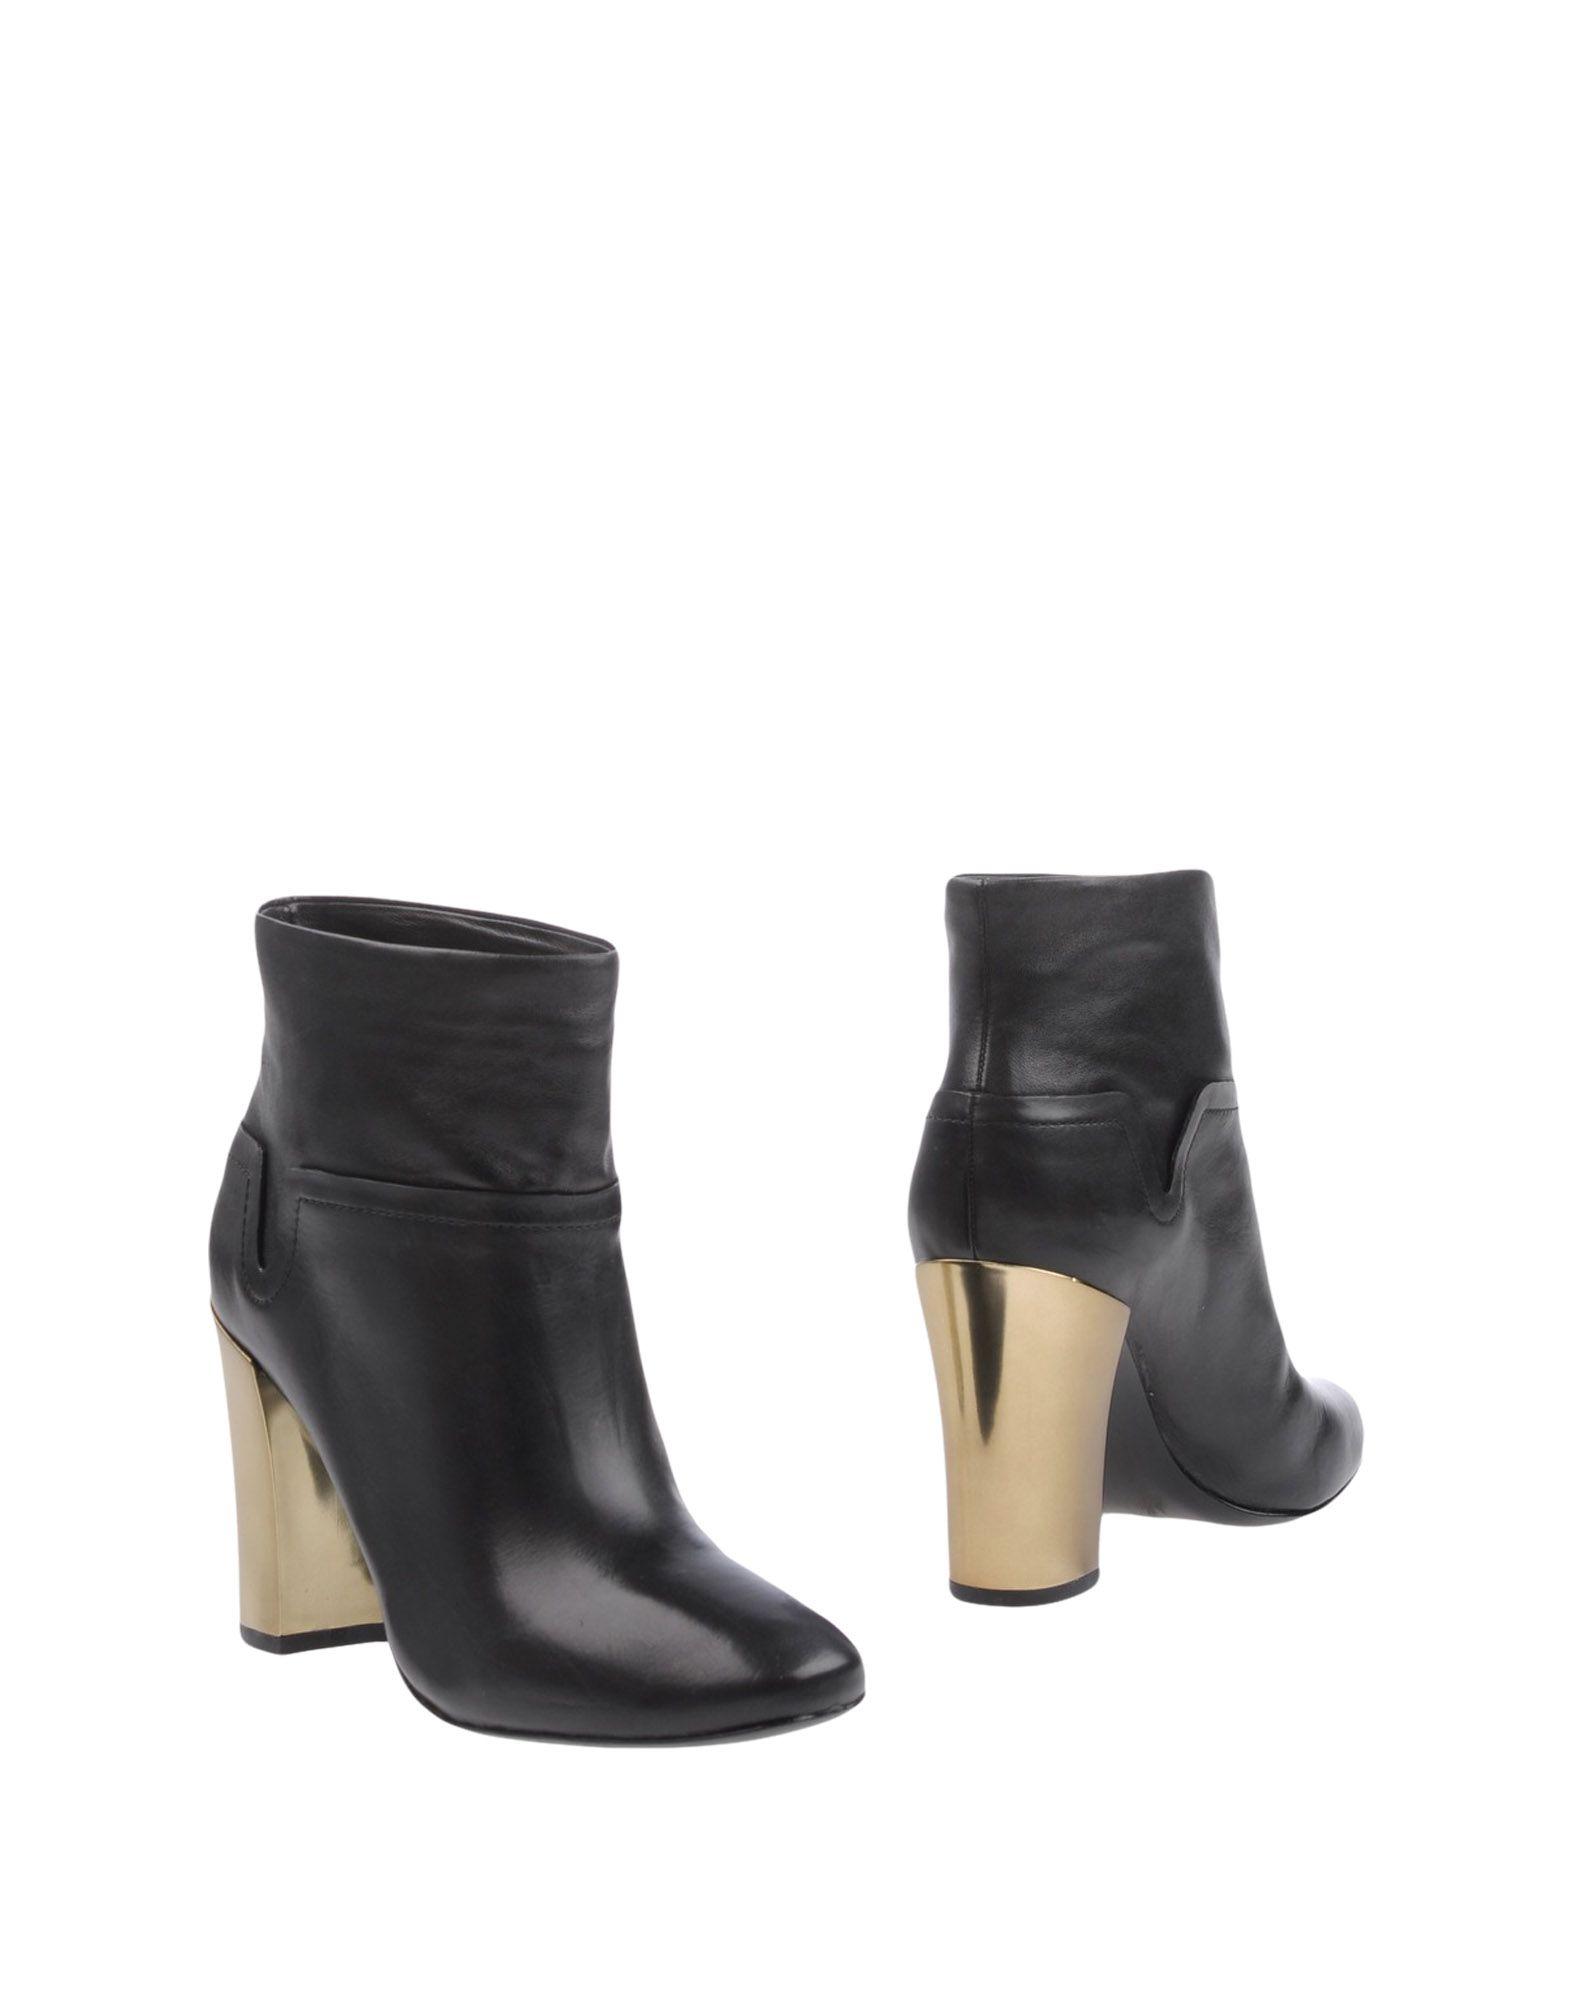 AERIN Полусапоги и высокие ботинки цены онлайн